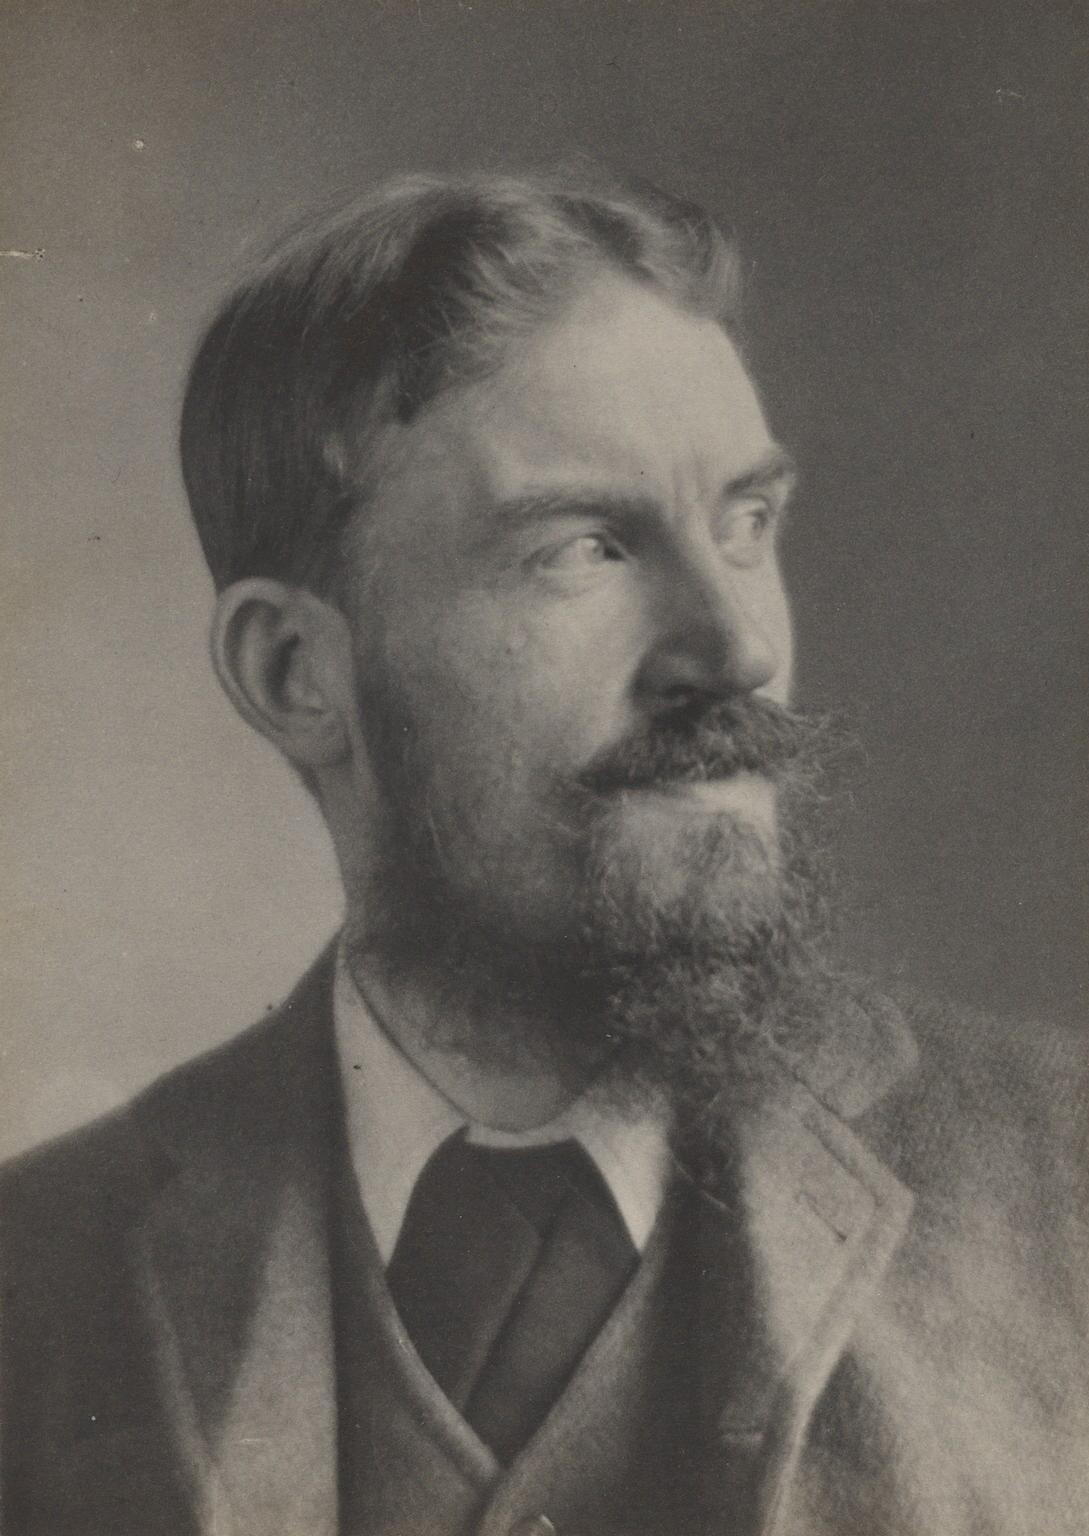 File:G Bernard Shaw.jpg